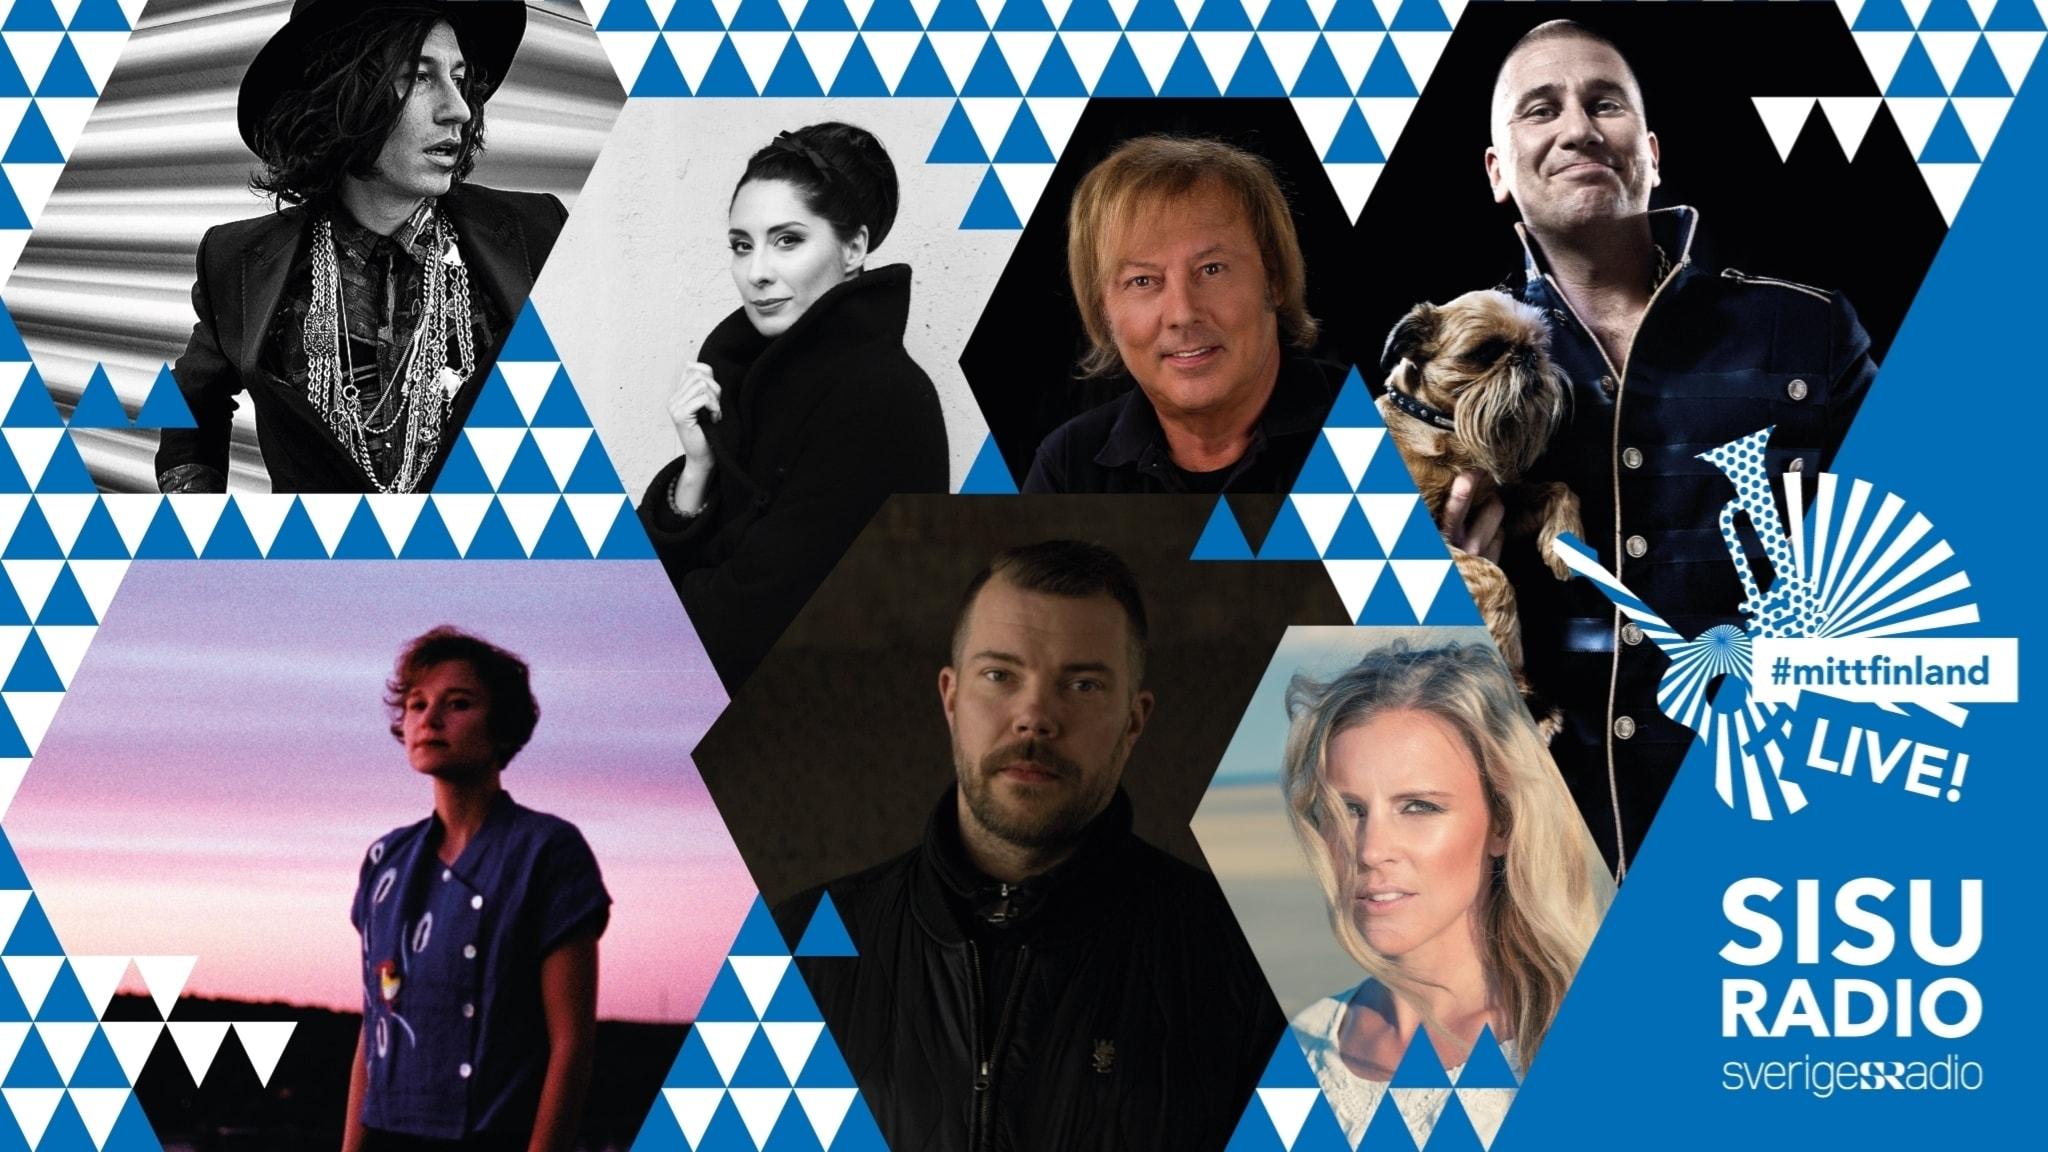 #Mittfinland live – en musikalisk kärleksförklaring till Finland 100 år